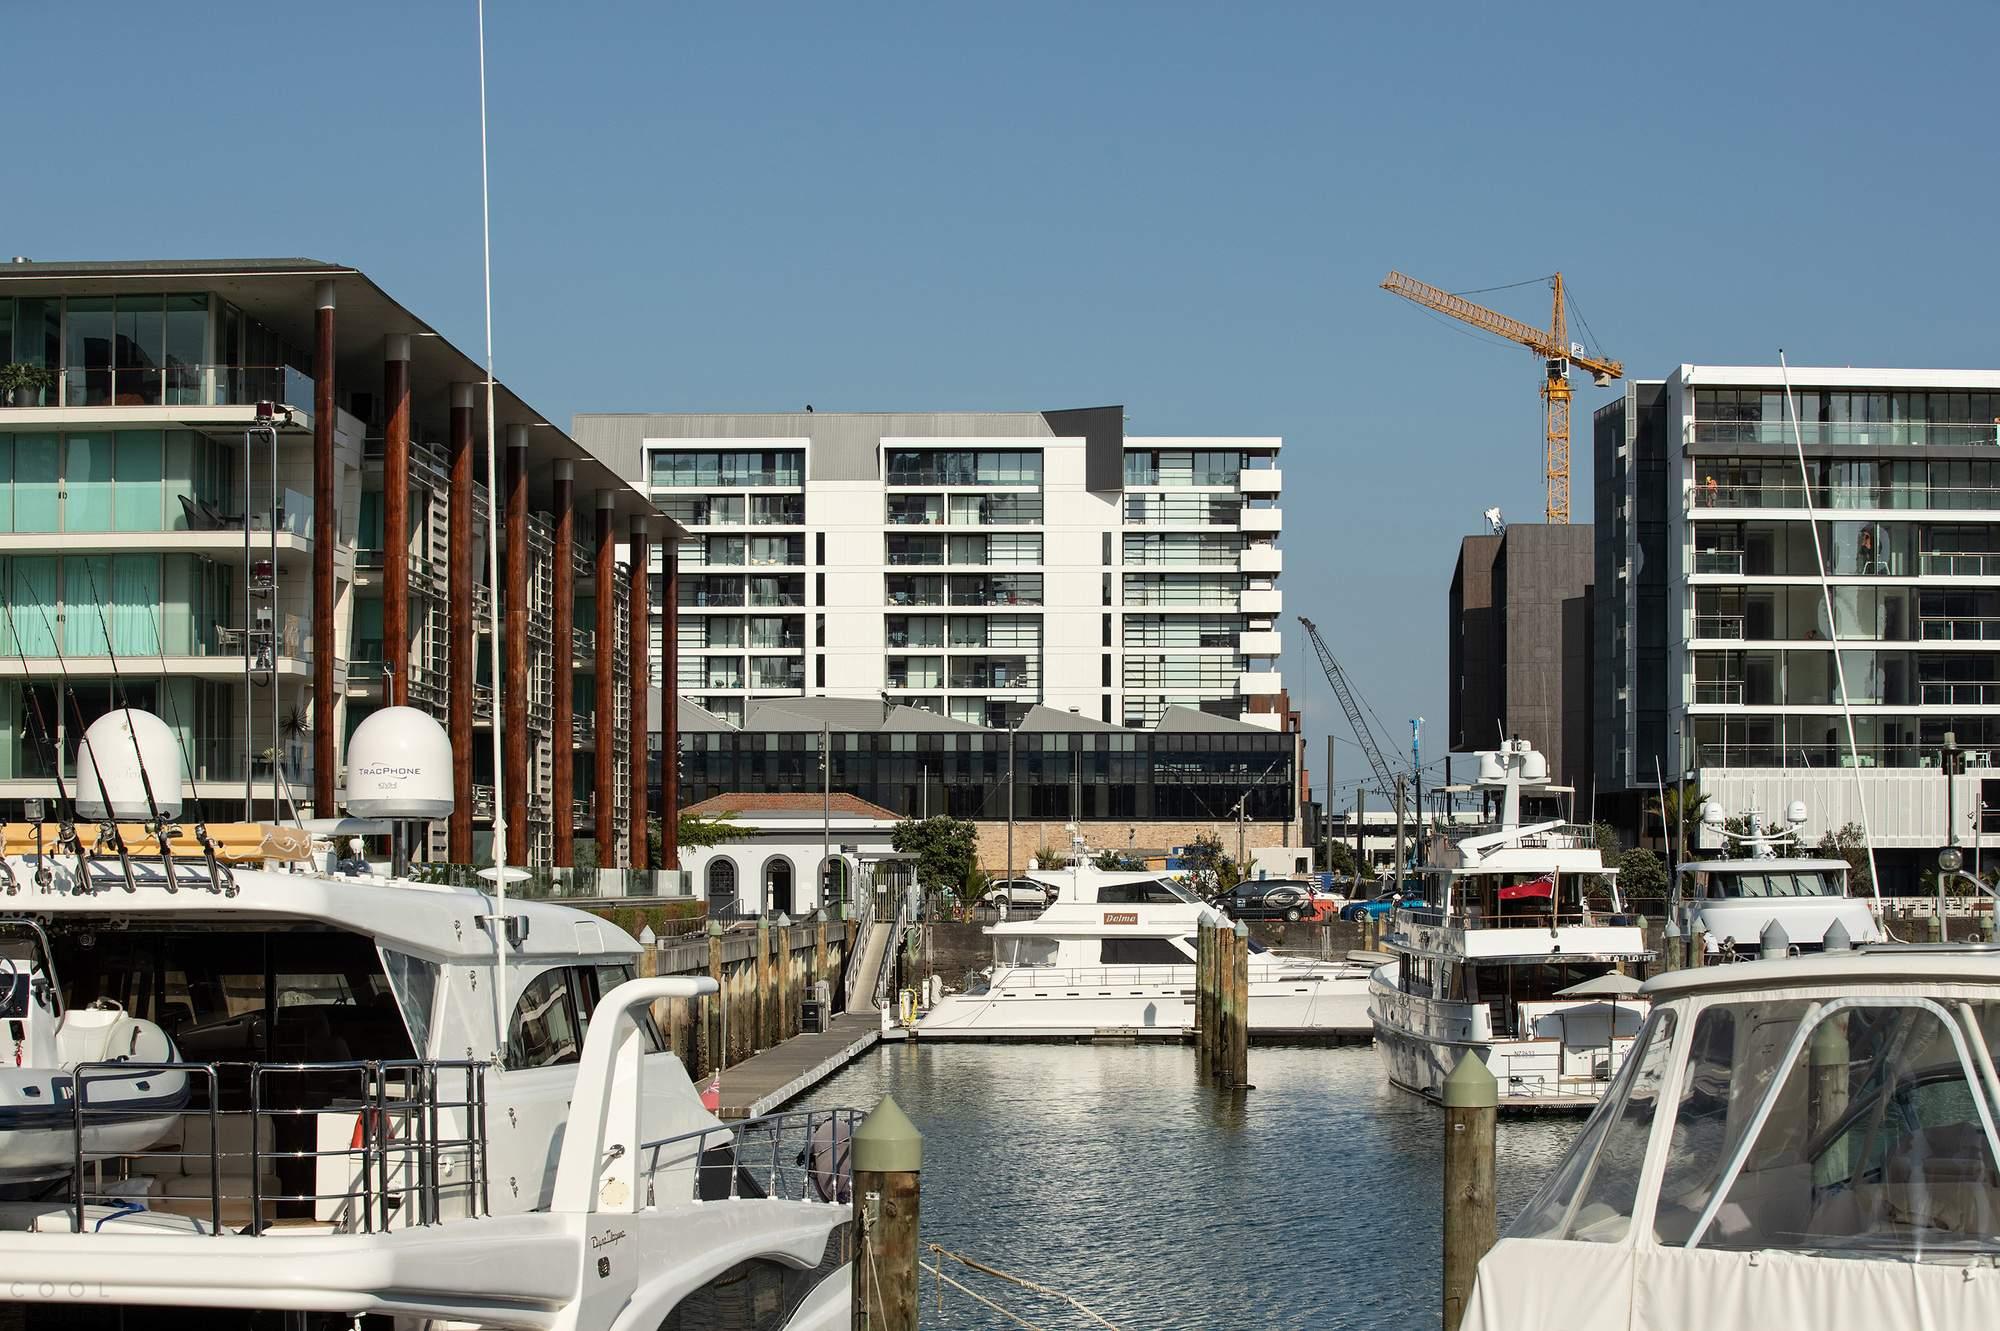 Крупномасштабный многоквартирный жилой комплекс в Новой Зеландии